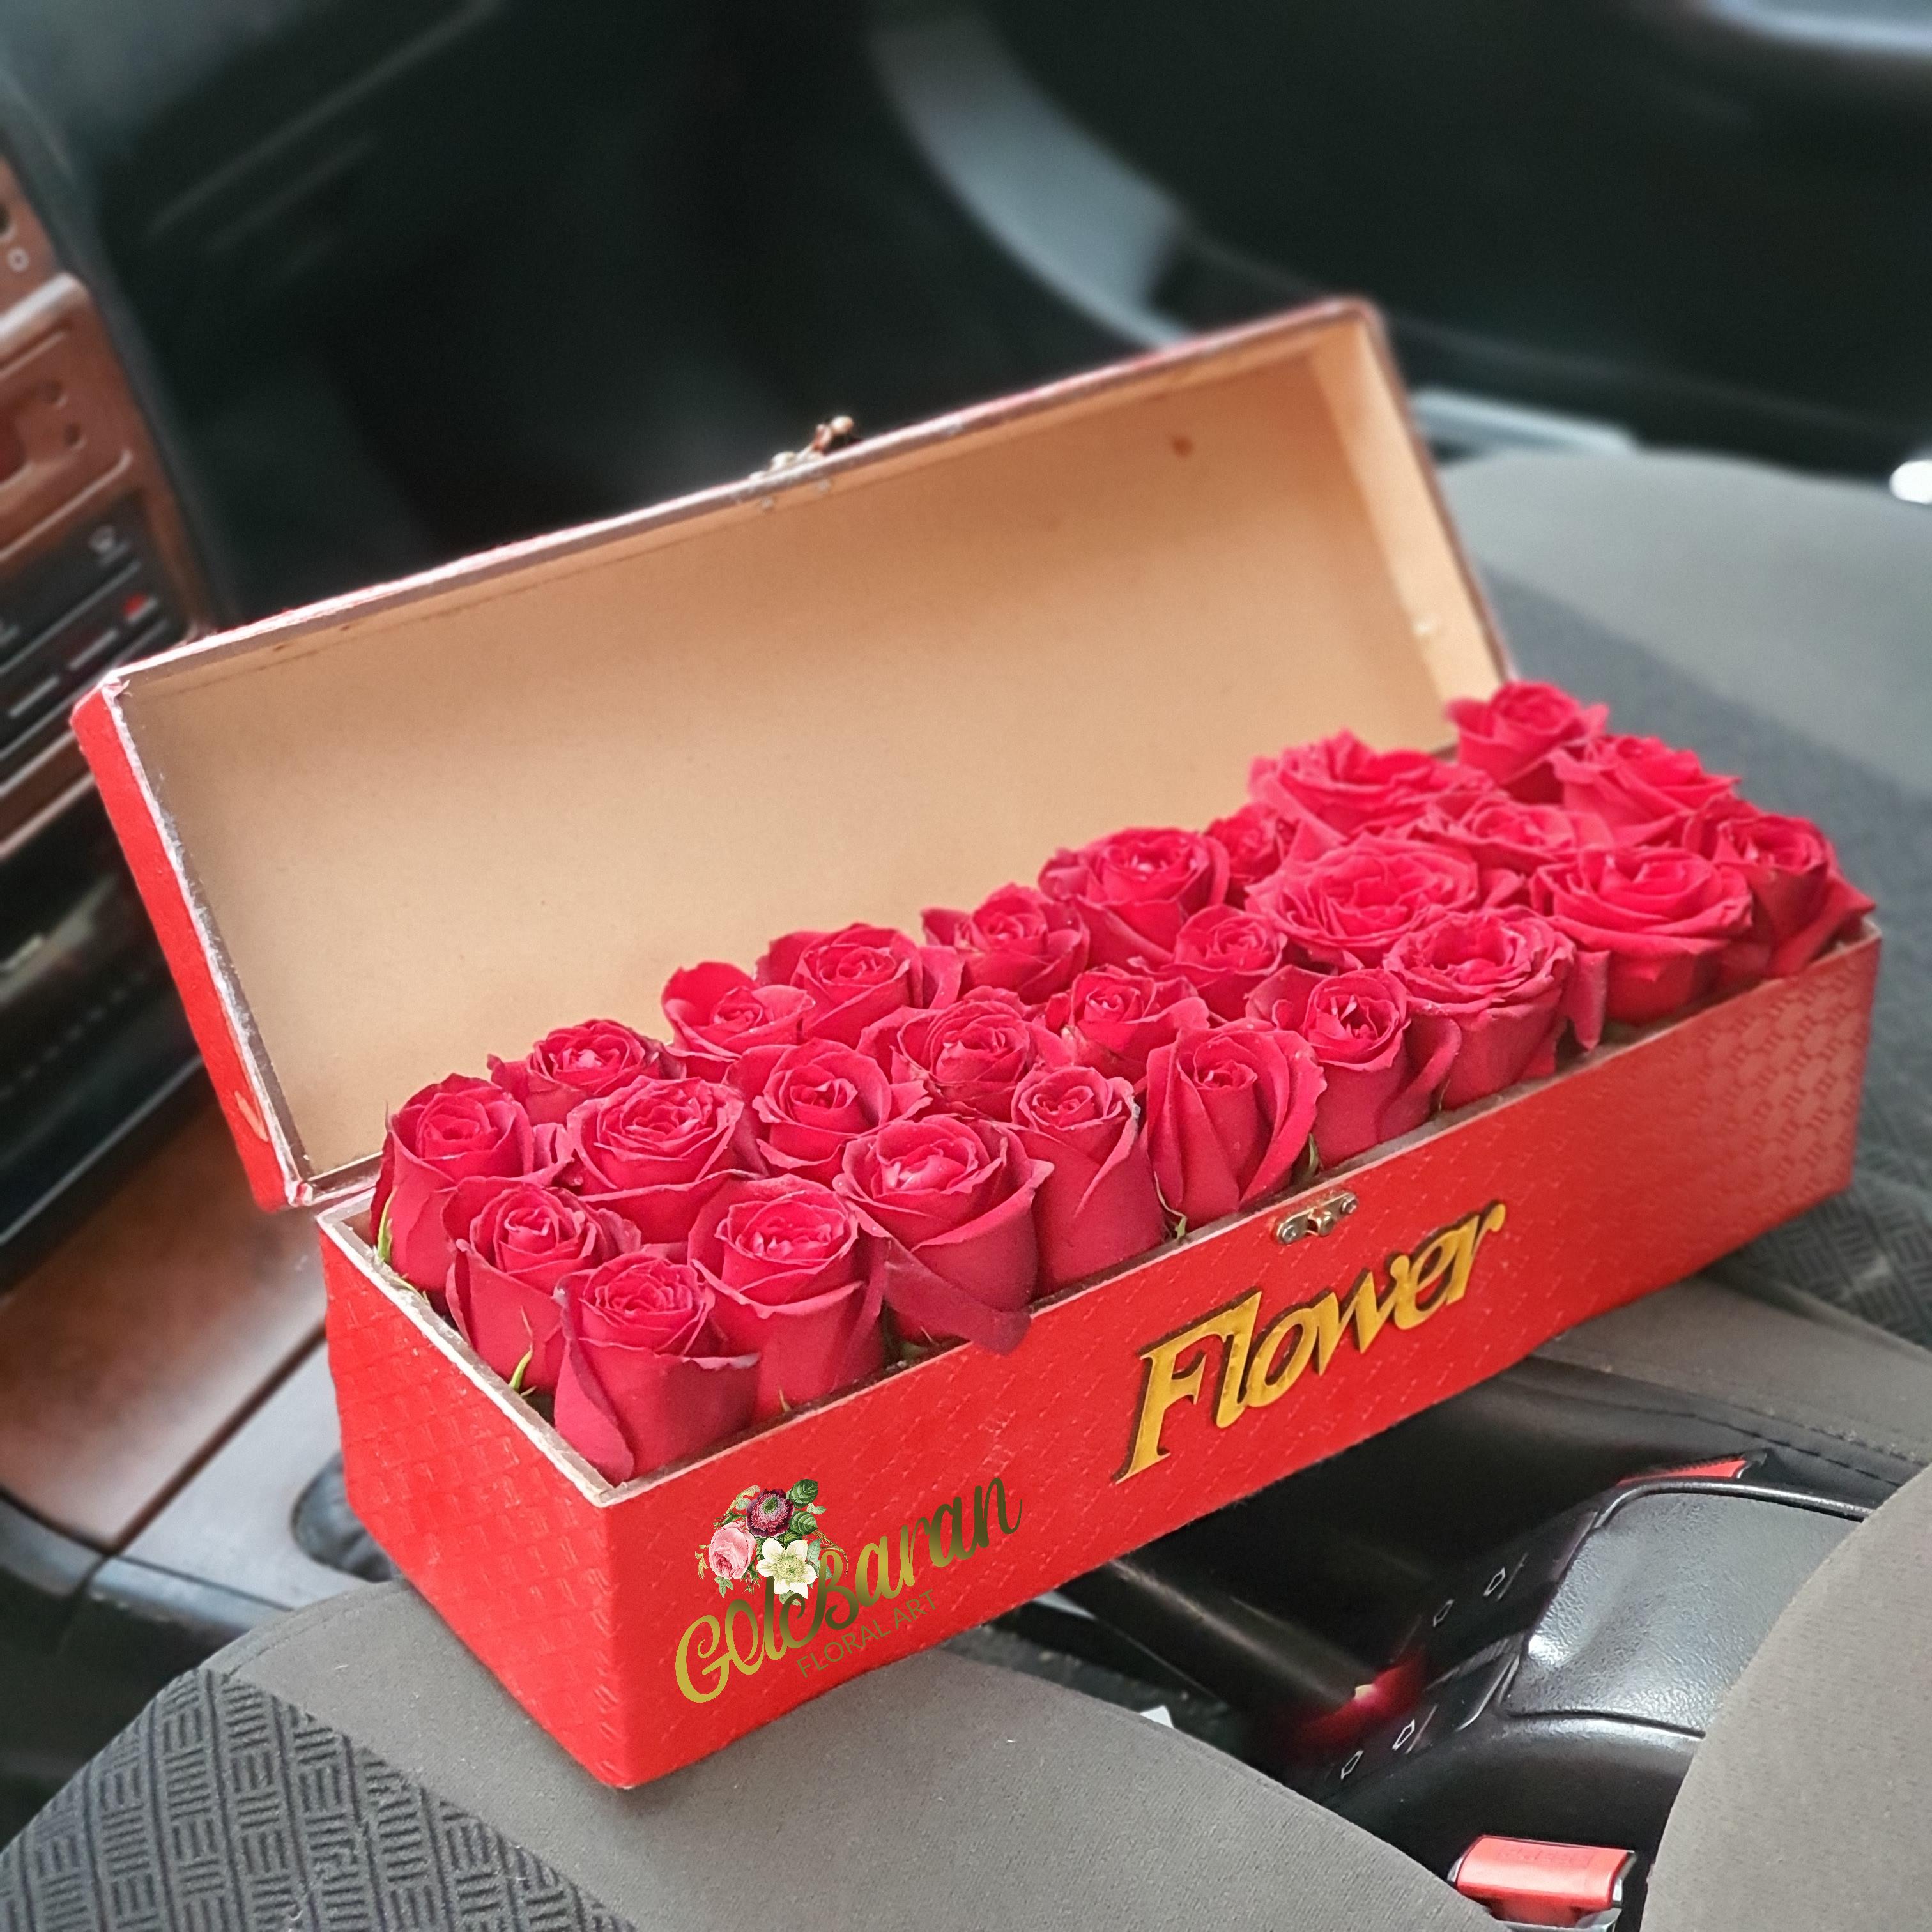 باکس گل رز صندوقچه قرمز